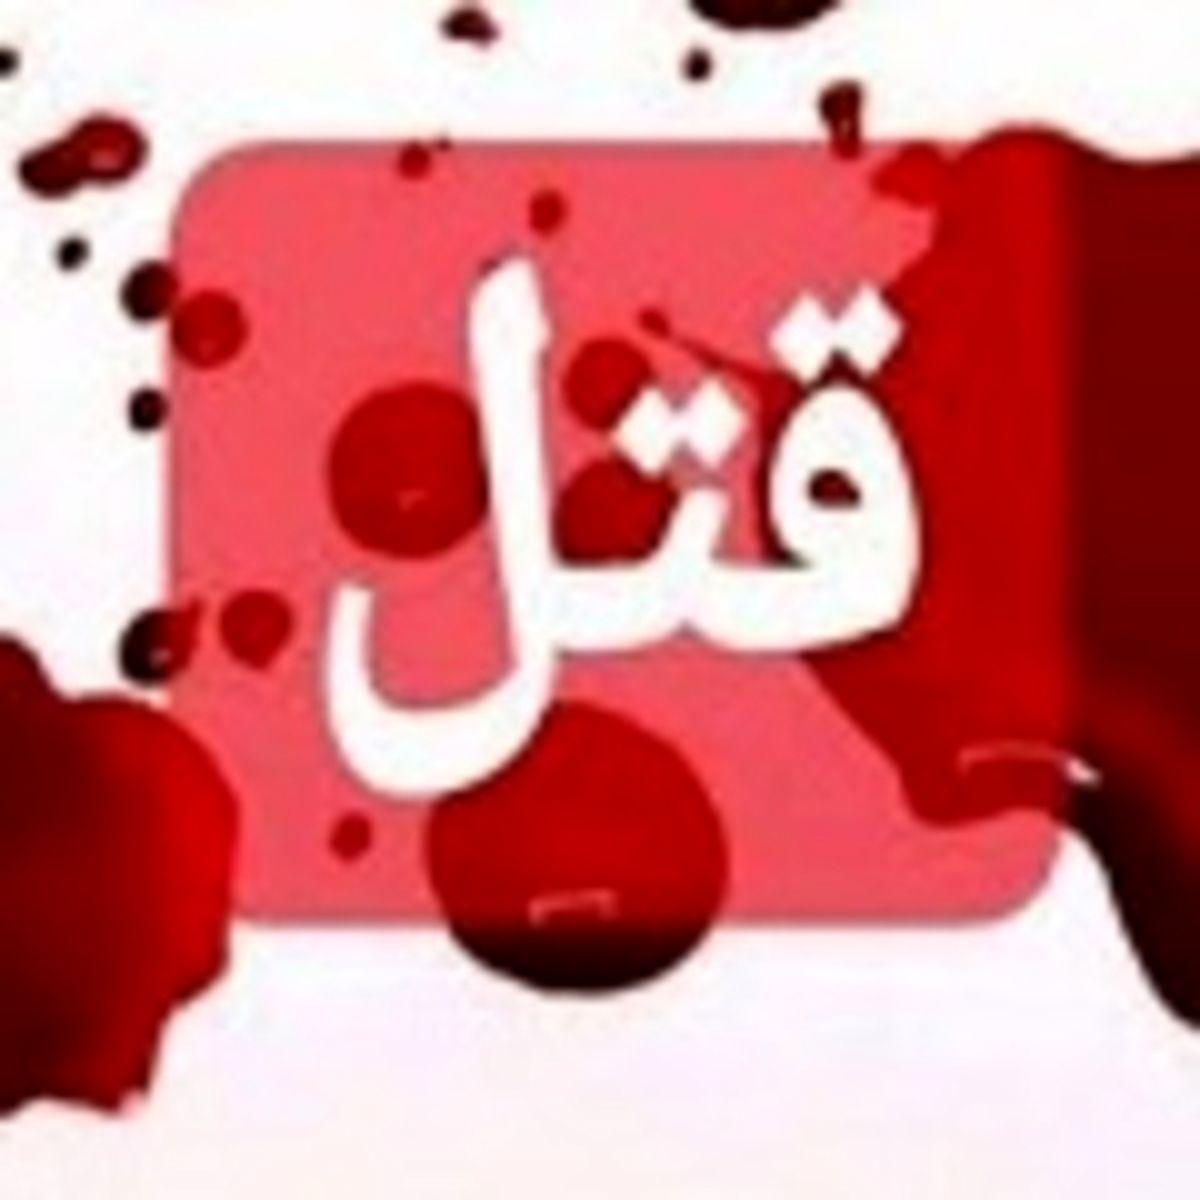 قتل عام ۵ کودک پس از درگیری زن و شوهری